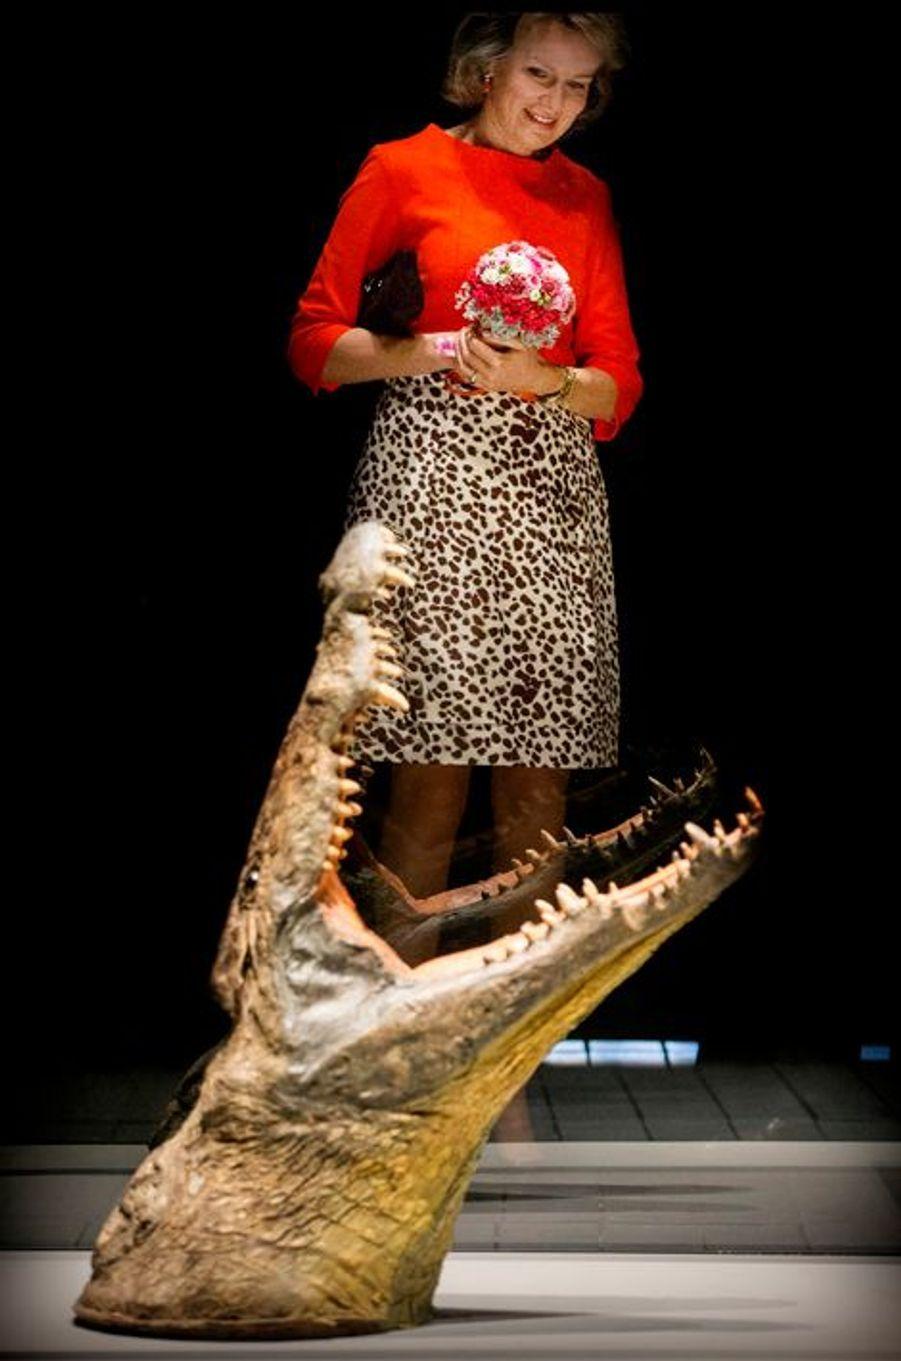 Ce mardi 17 novembre, Mathilde de Belgique avait un rendez-vous culturel à son programme. La reine des Belges était près de Mons, où elle a découvert une exposition traitant de Saint-Georges et du dragon.Chaque dimanche, le Royal Blog de Paris Match vous propose de voir ou revoir les plus belles photographies de la semaine royale.